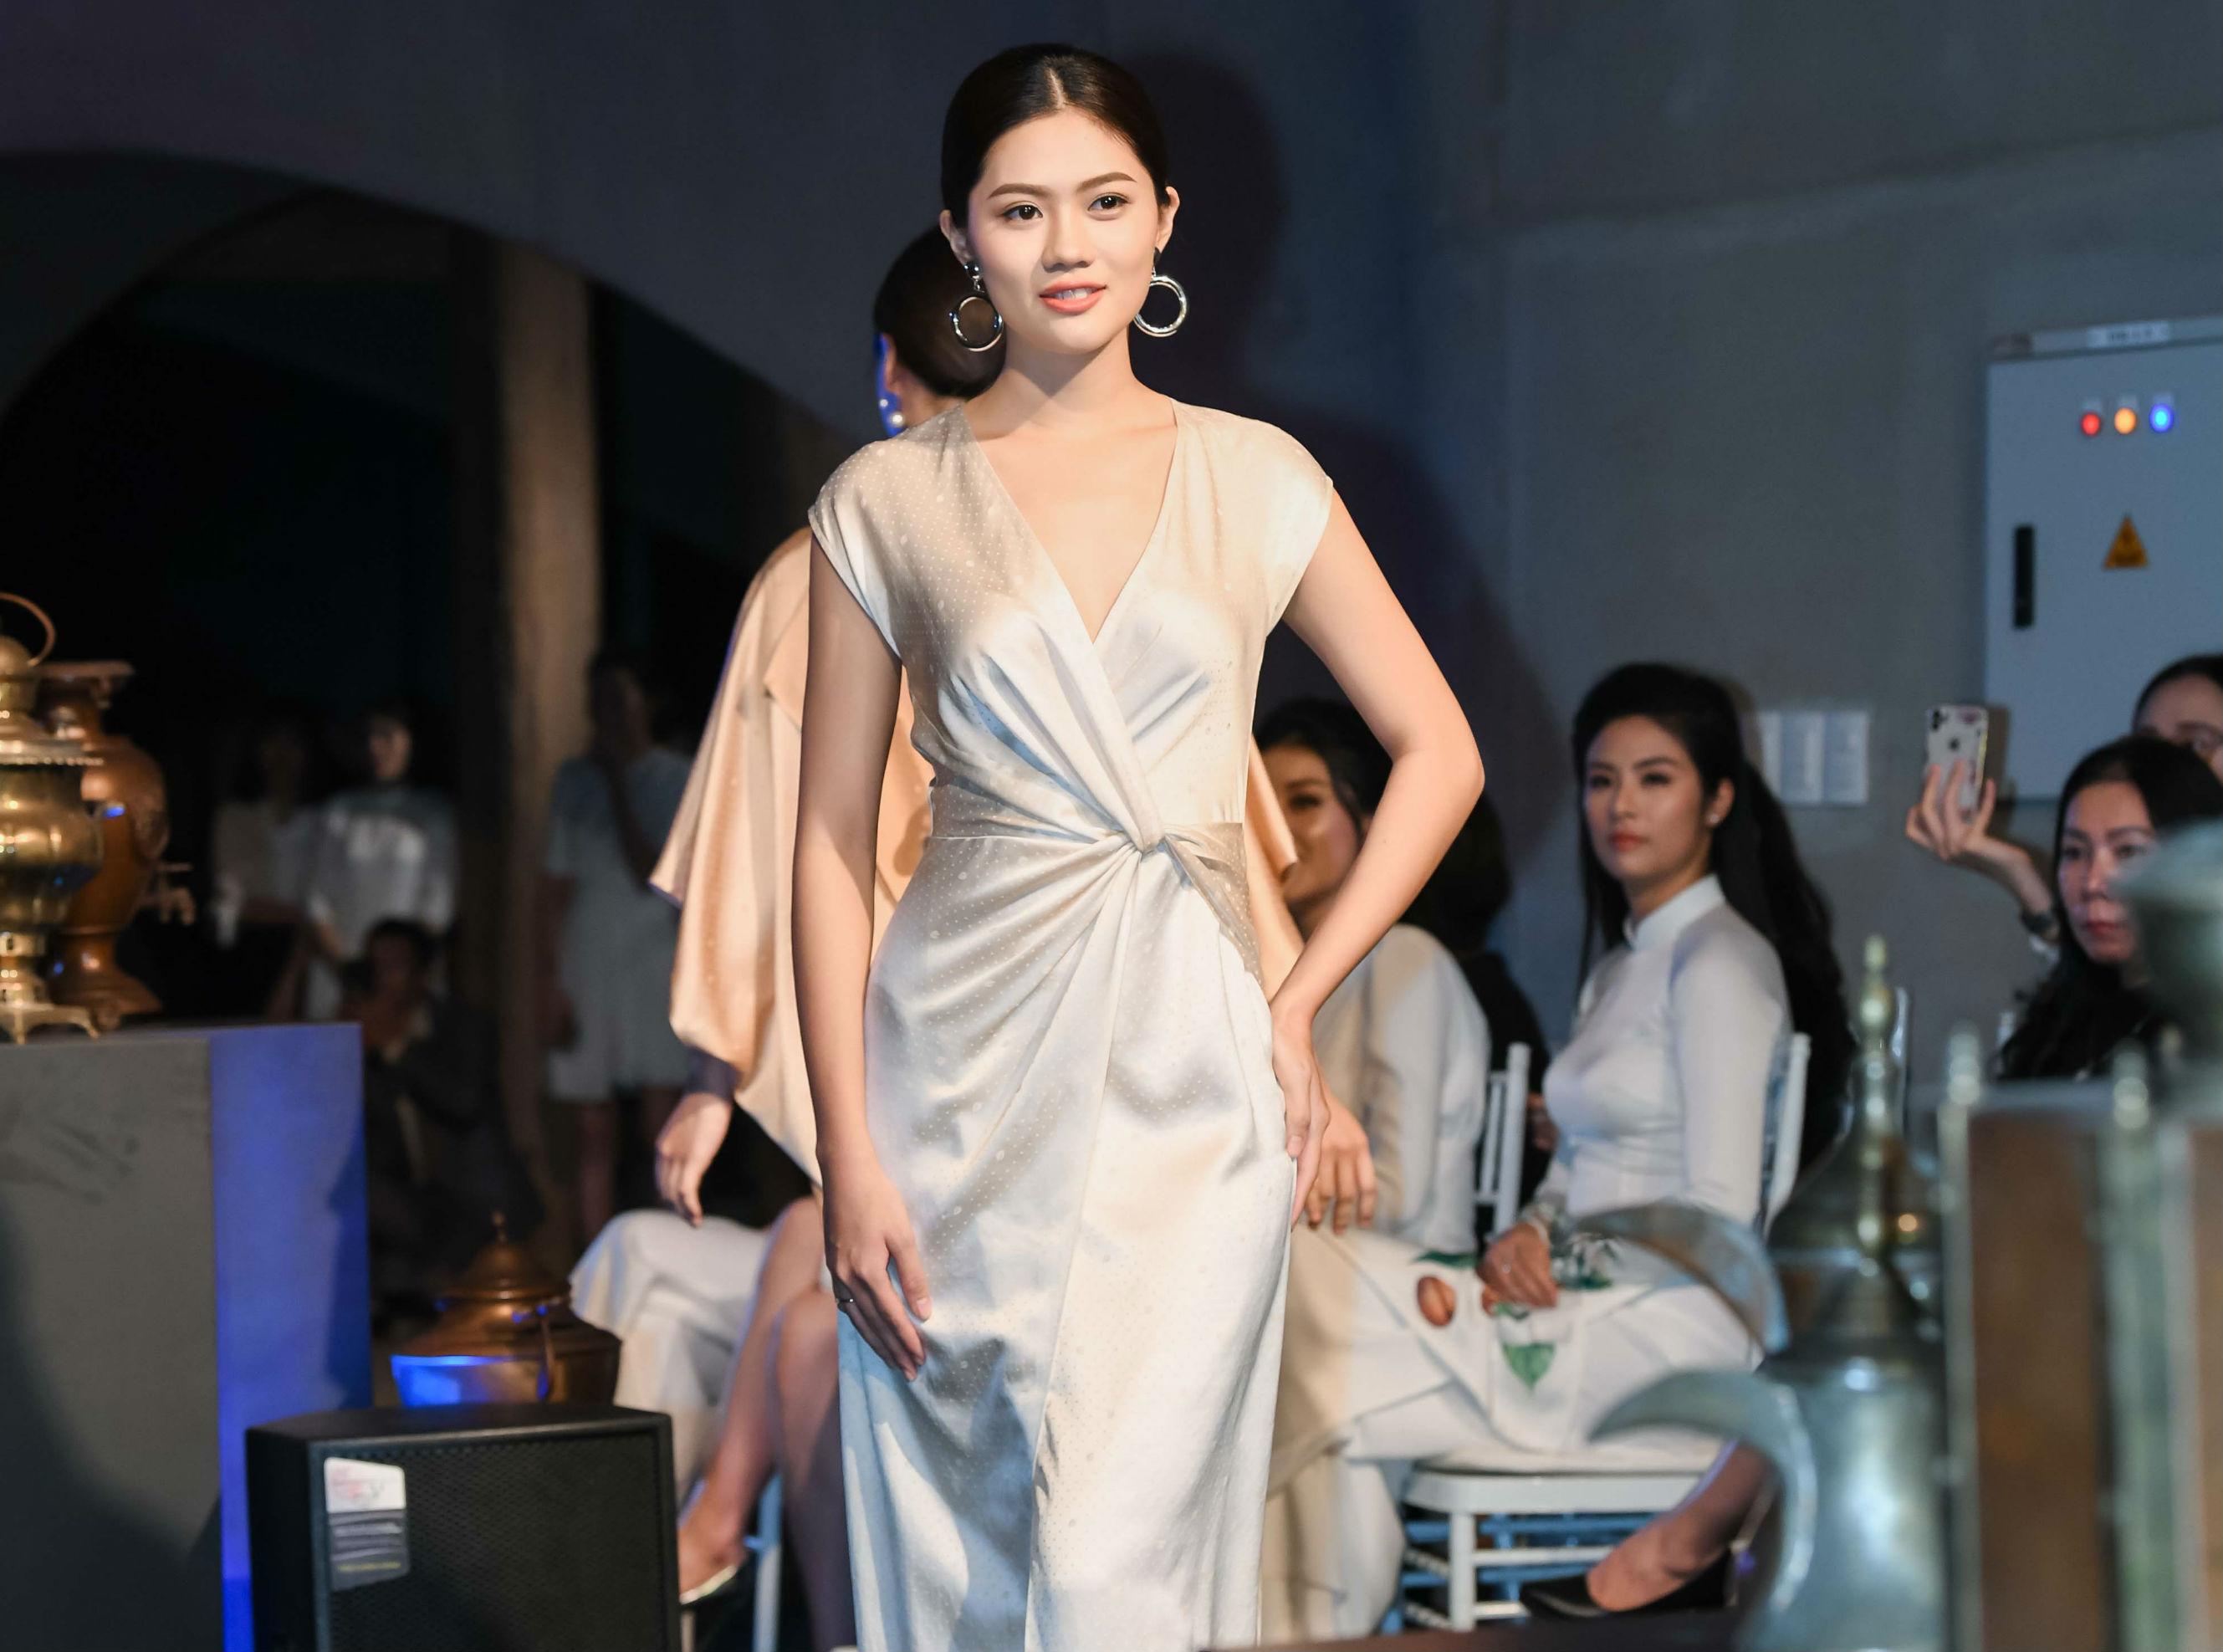 Tròn 1 năm sau khi đăng quang Hoa khôi trong cuộc thi Miss Photo 2017 do Báo PNVN tổ chức, Vũ Hương Giang trưởng thành hơn. Cô đã tốt nghiệp đại học và có nhiều lời mời tham gia trình diễn thời trang.